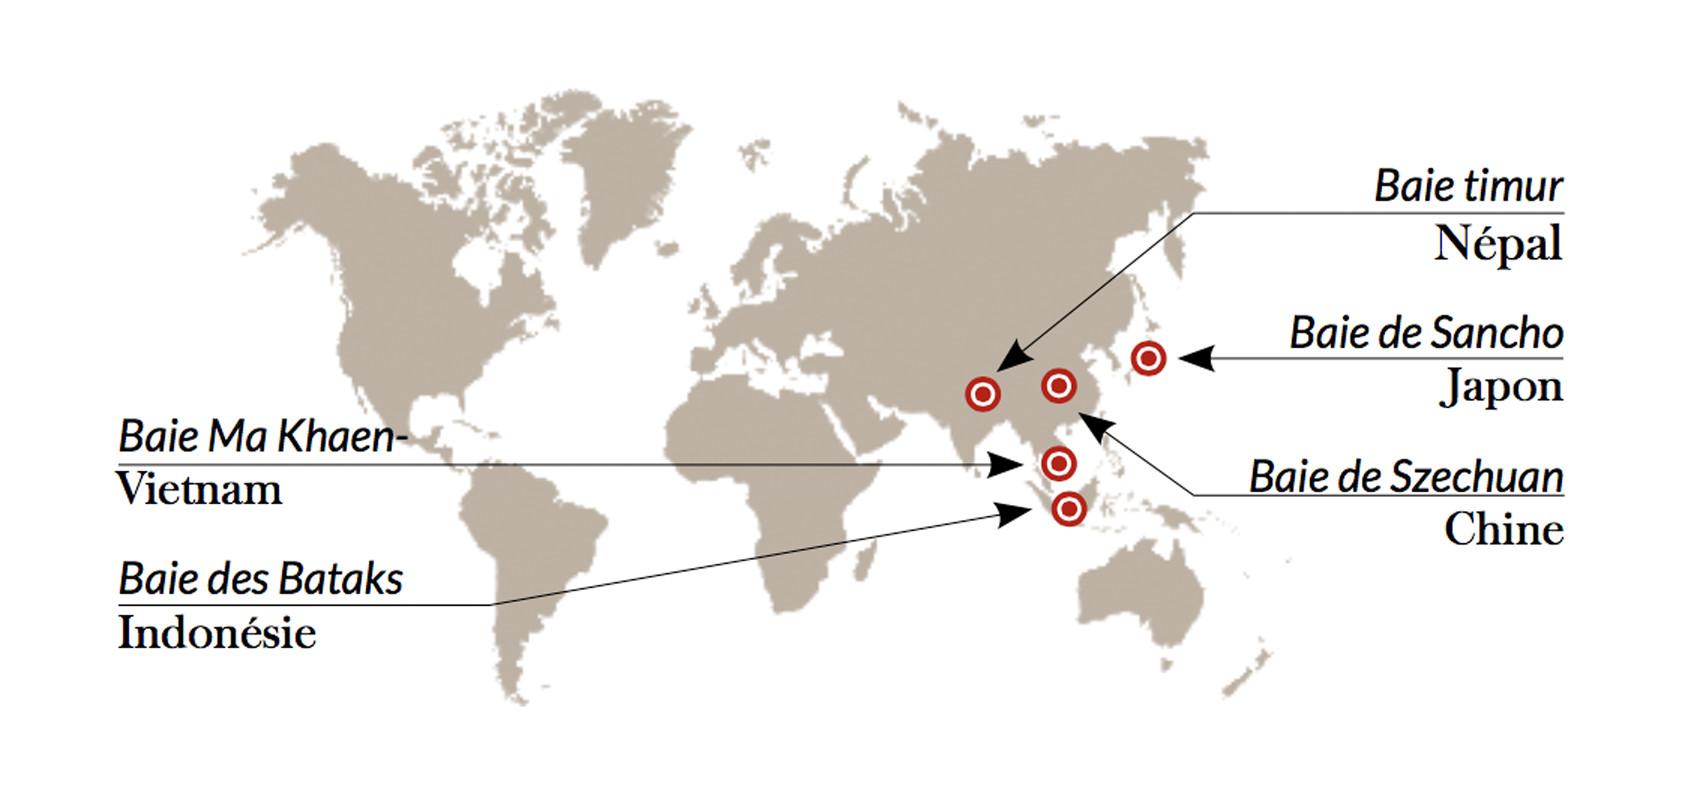 Les Zanthoxylum Piper dans le monde